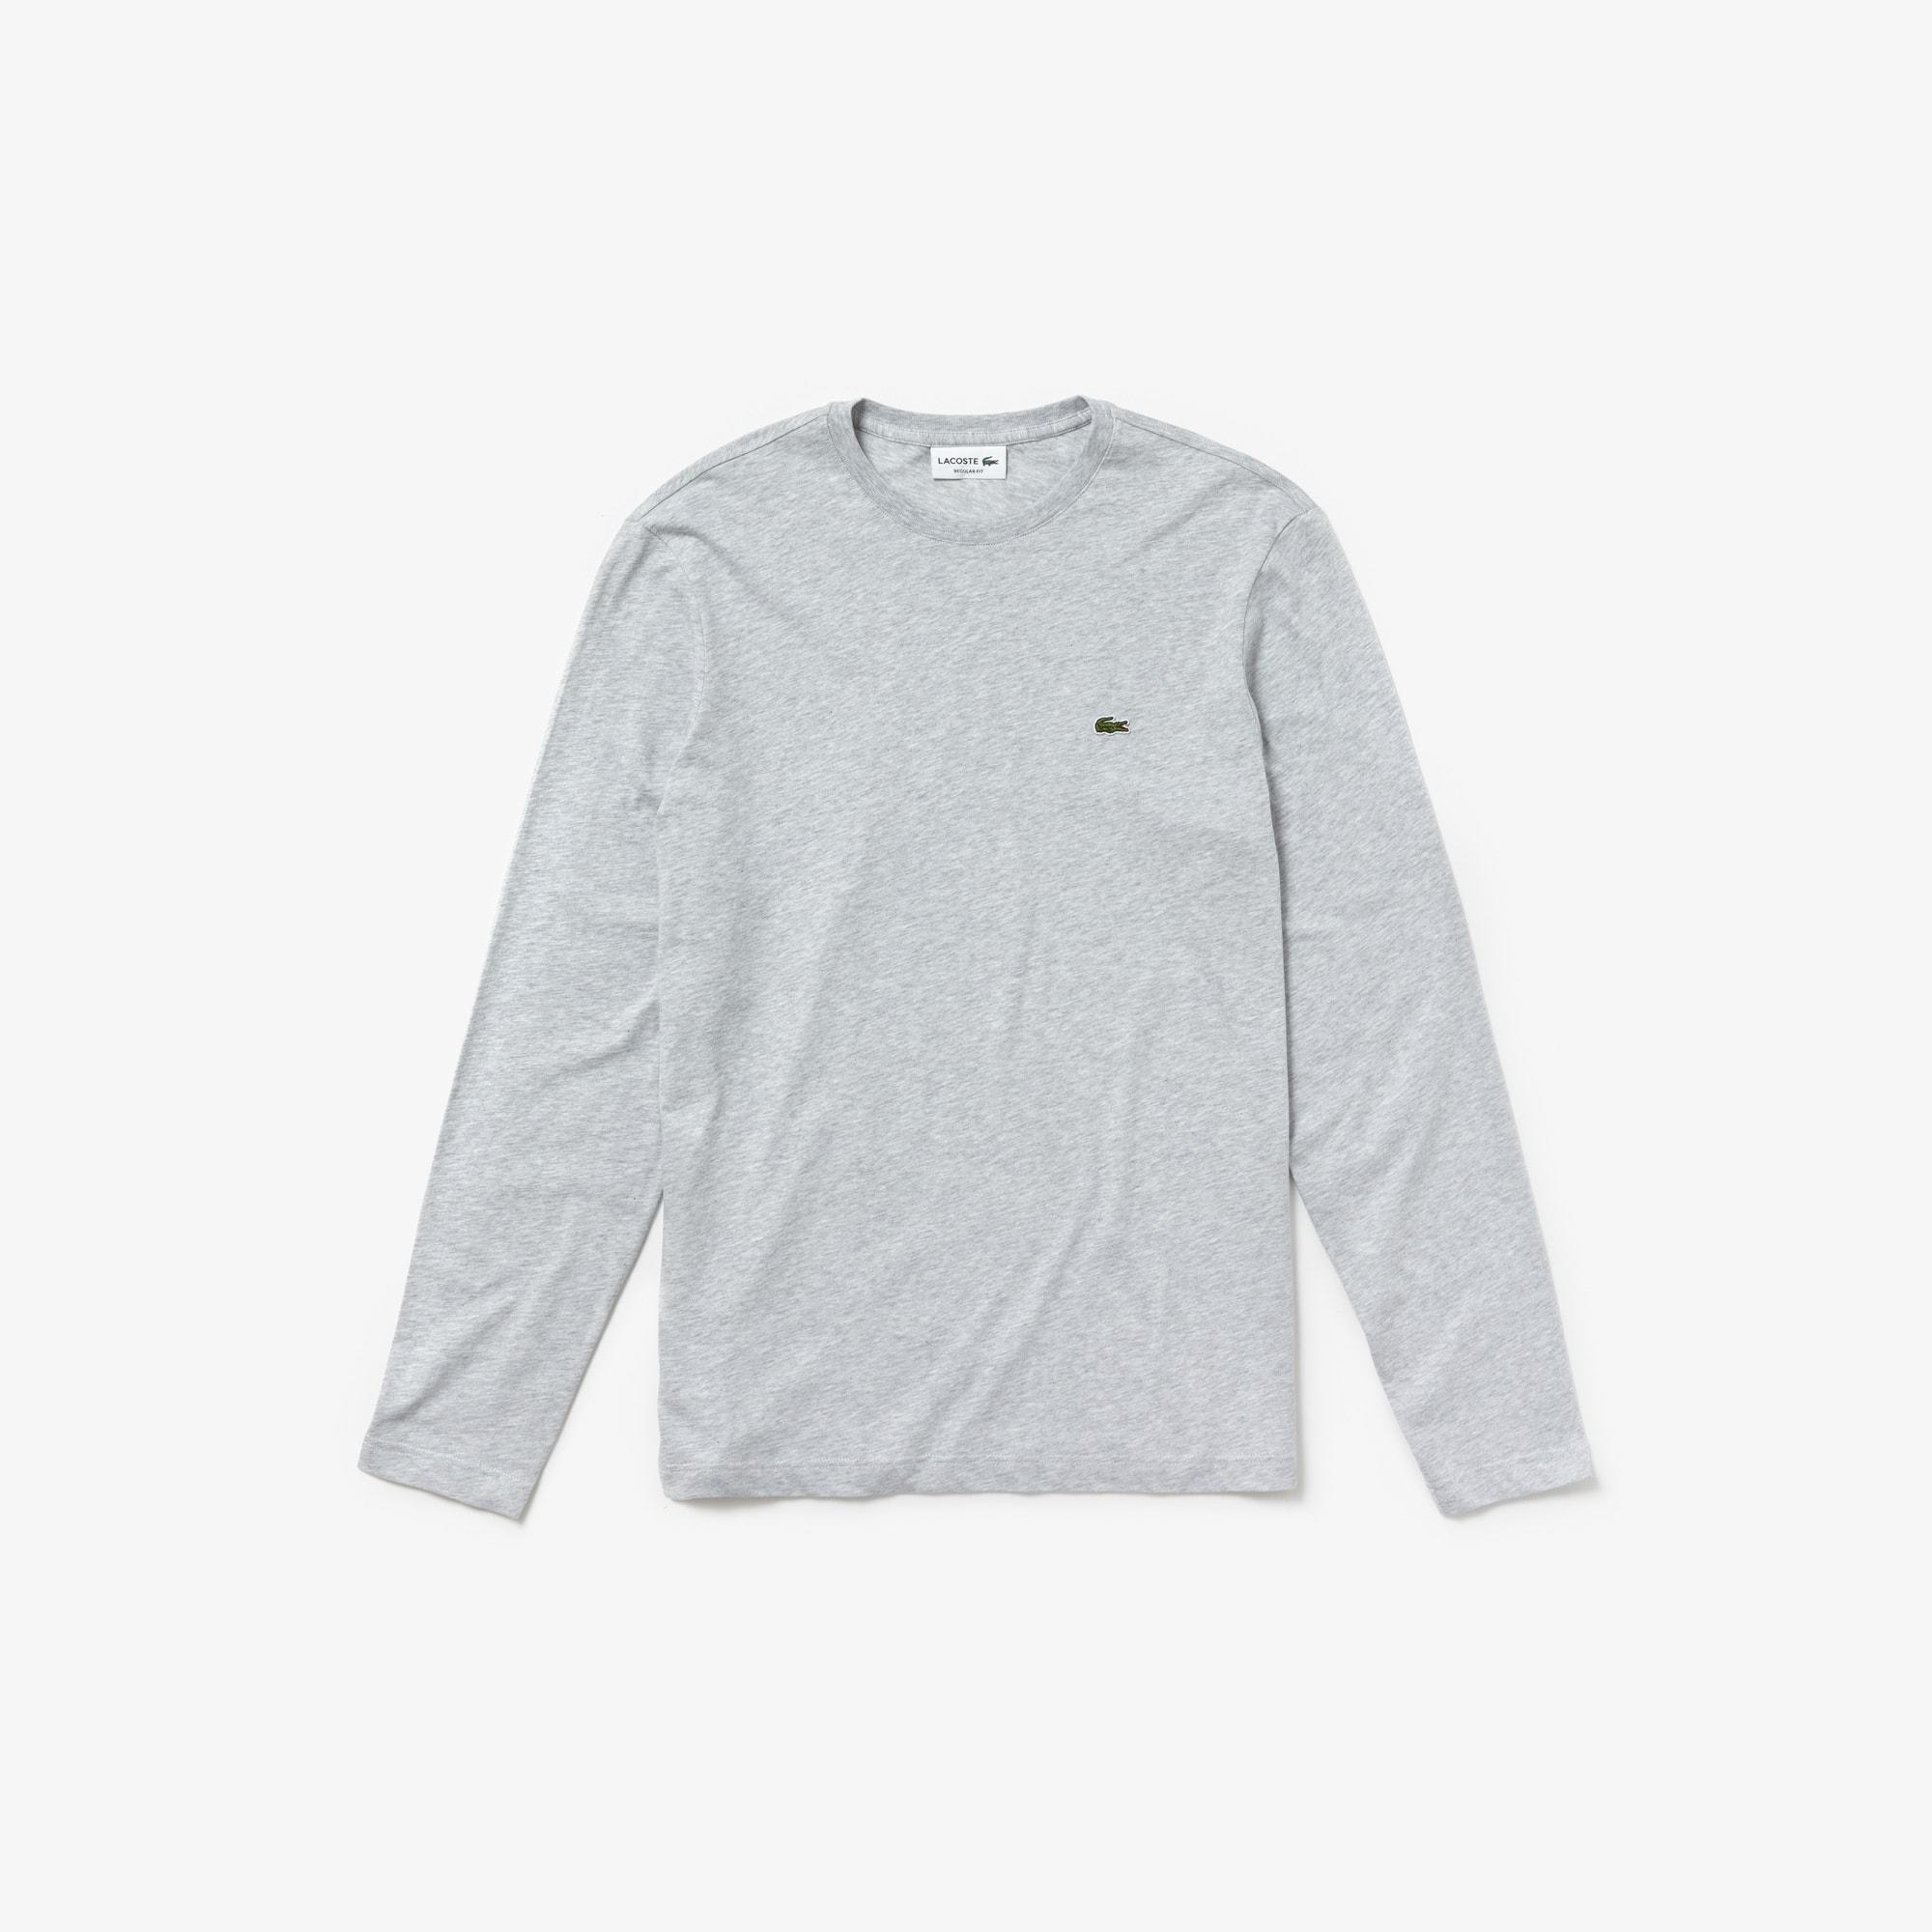 T-shirt a girocollo maniche lunghe in jersey di cotone tinta unita